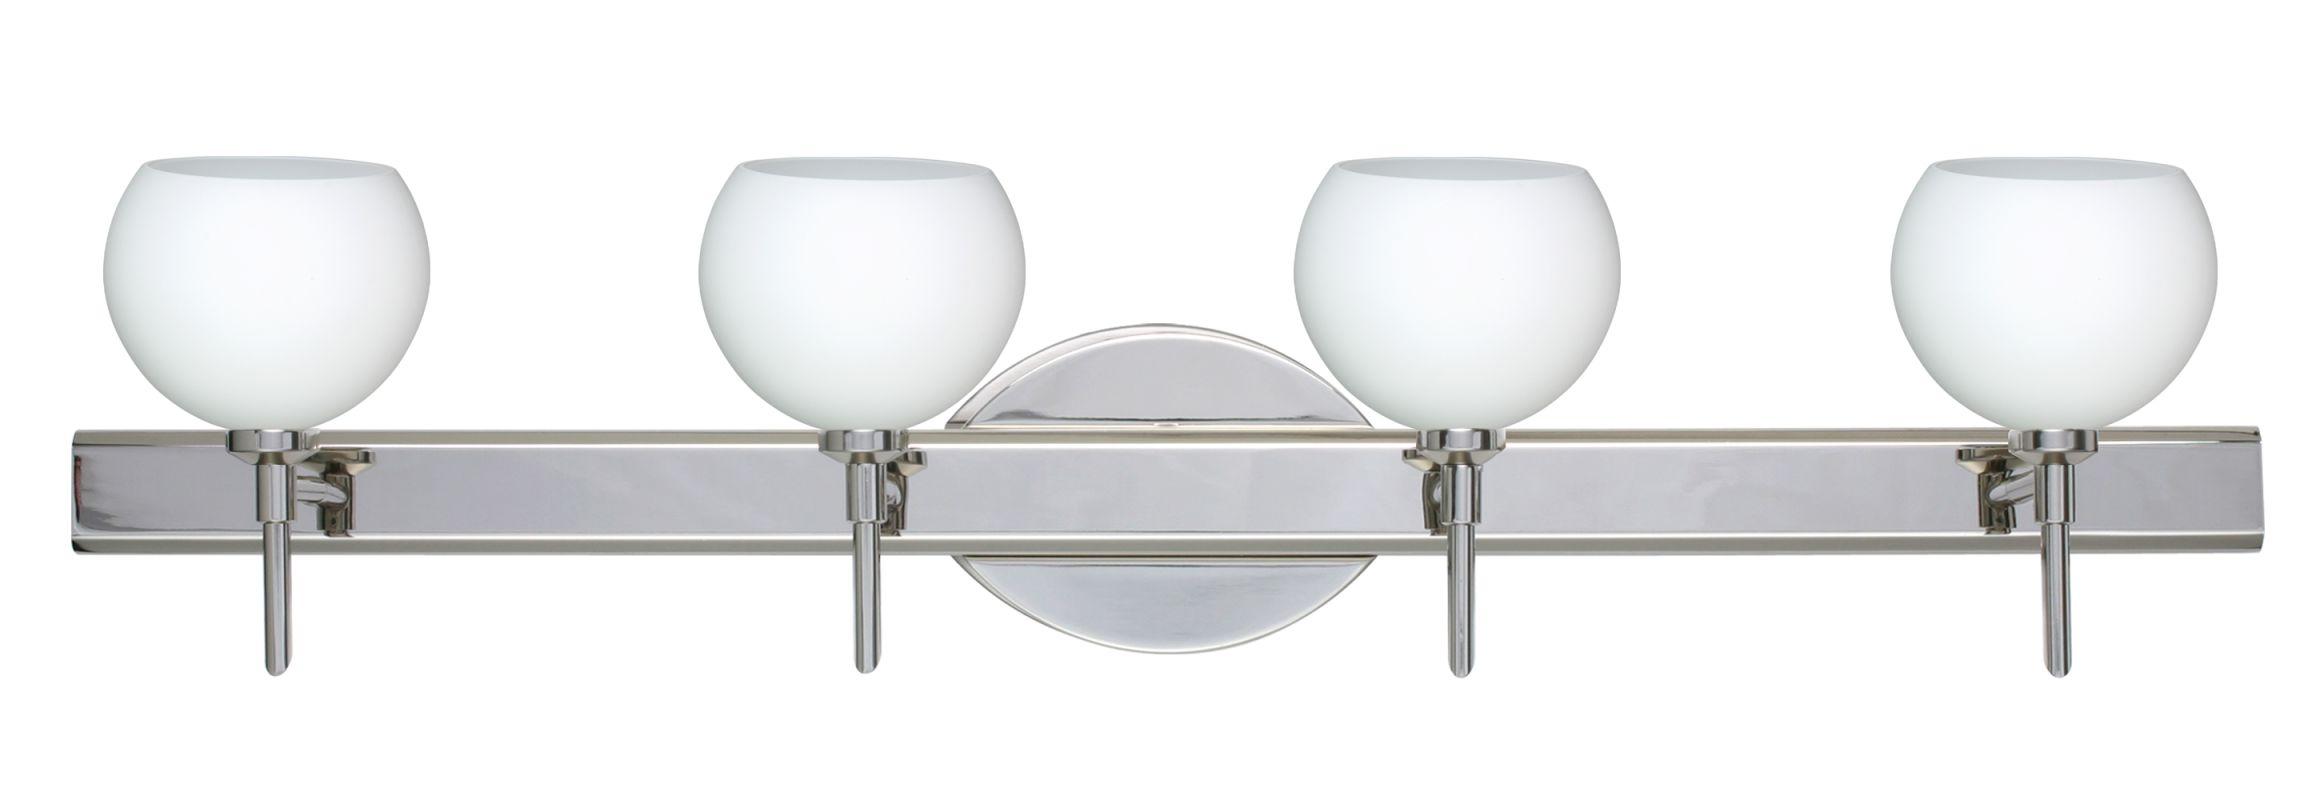 Besa Lighting 4SW-565807 Palla 4 Light Reversible Halogen Bathroom